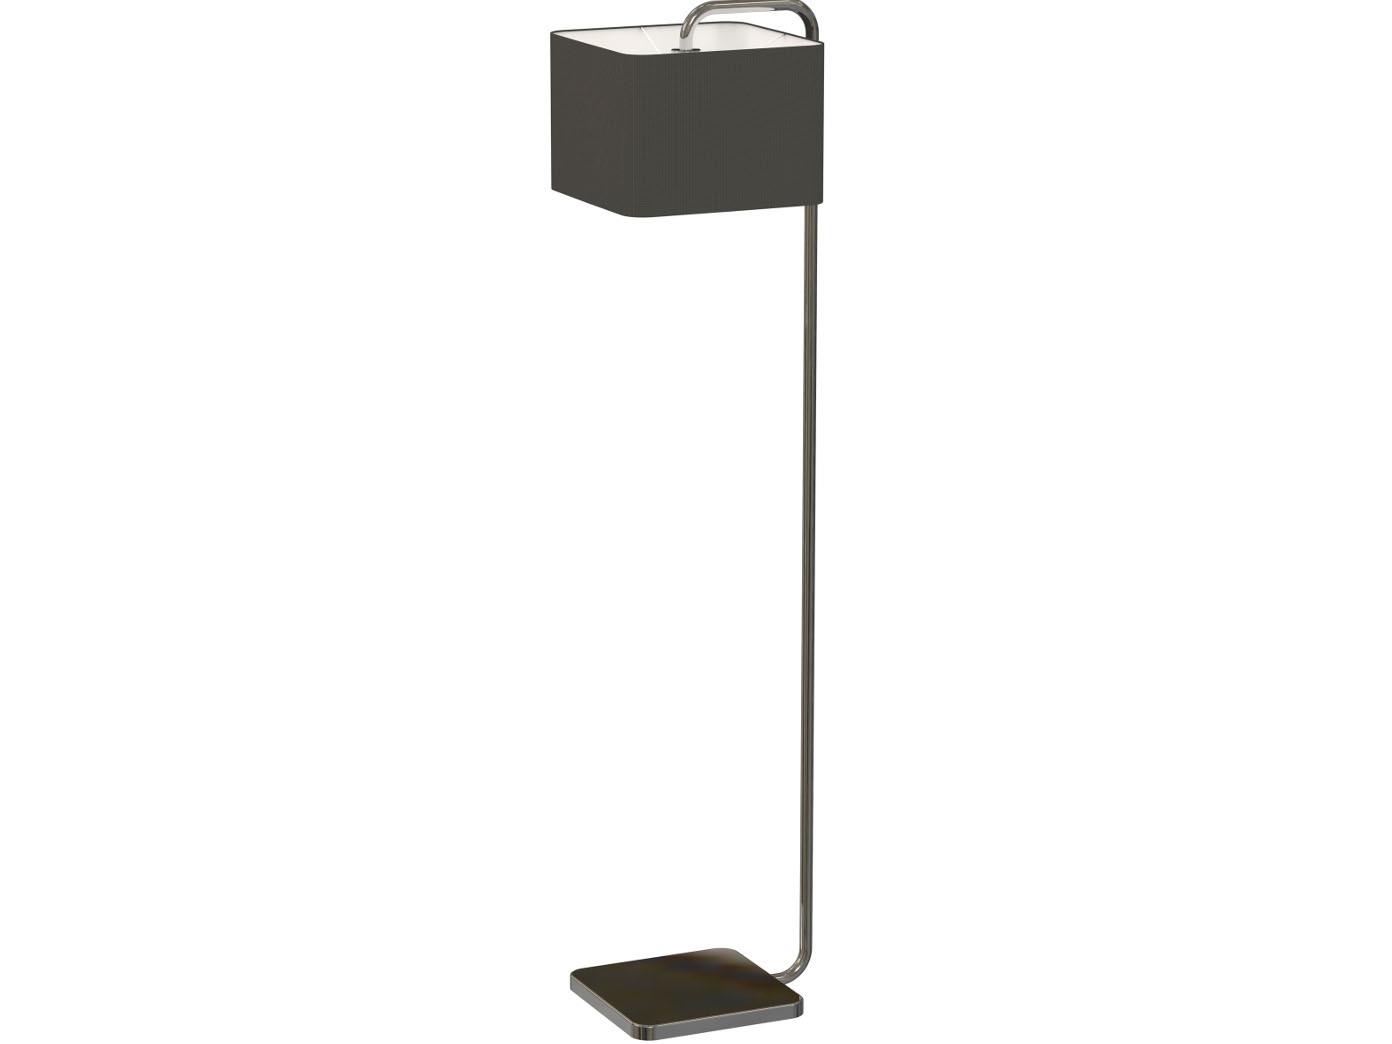 Beeindruckend Stehlampe Mit Schirm Foto Von Stehlampe-schirm -eckig-textil-schwarz-standleuchte-stehleuchte-wohnzimmerlampe